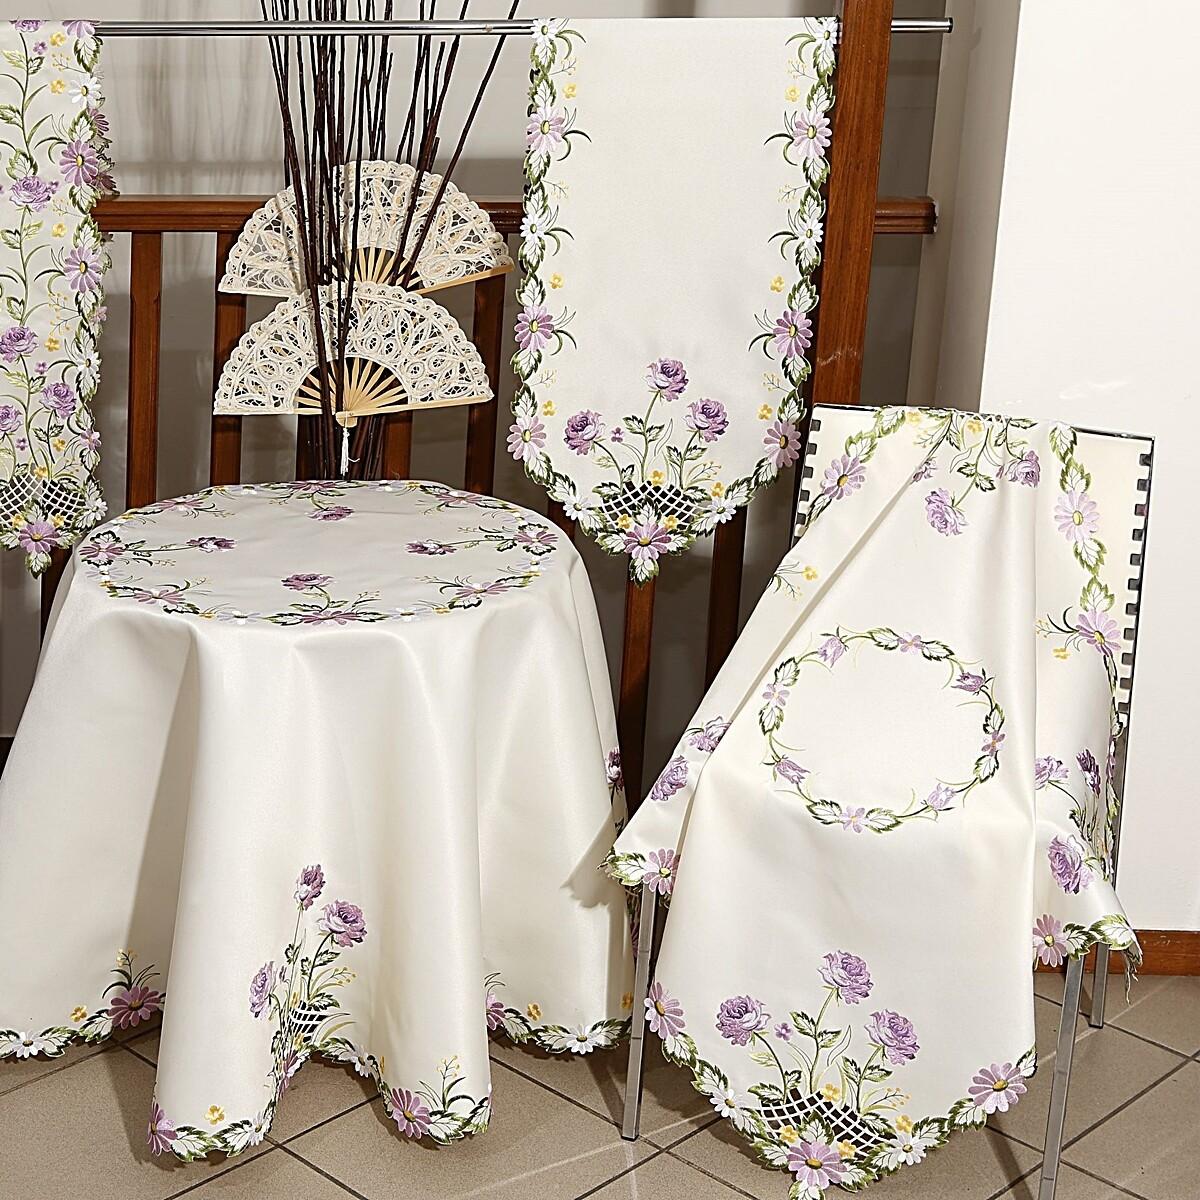 Τραβέρσα Κέντημα 34525 Lilac - Ilis Home